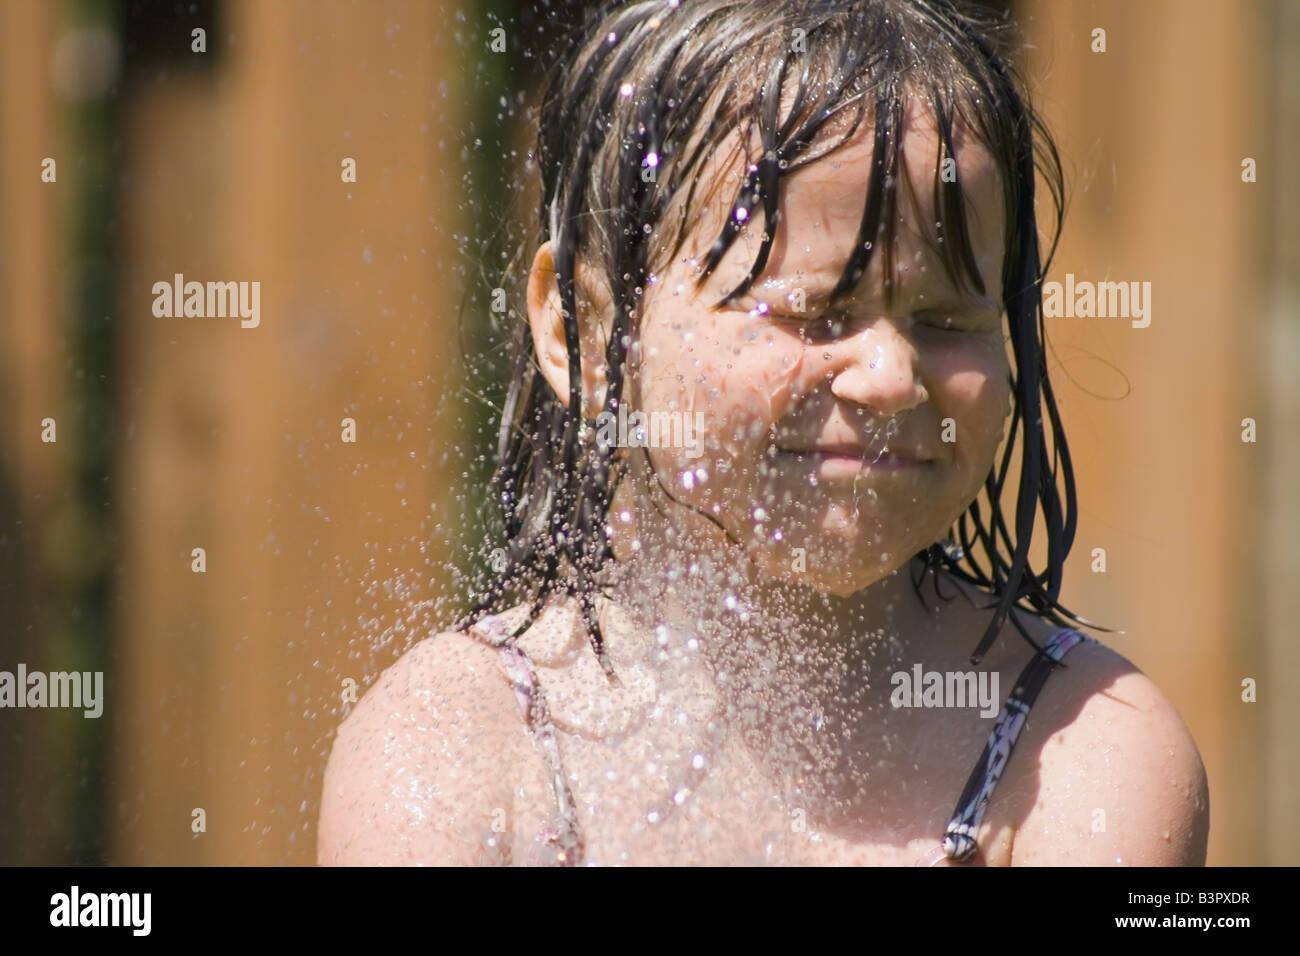 Ragazza giovane getting spruzzato in faccia con un tubo flessibile da giardino Immagini Stock